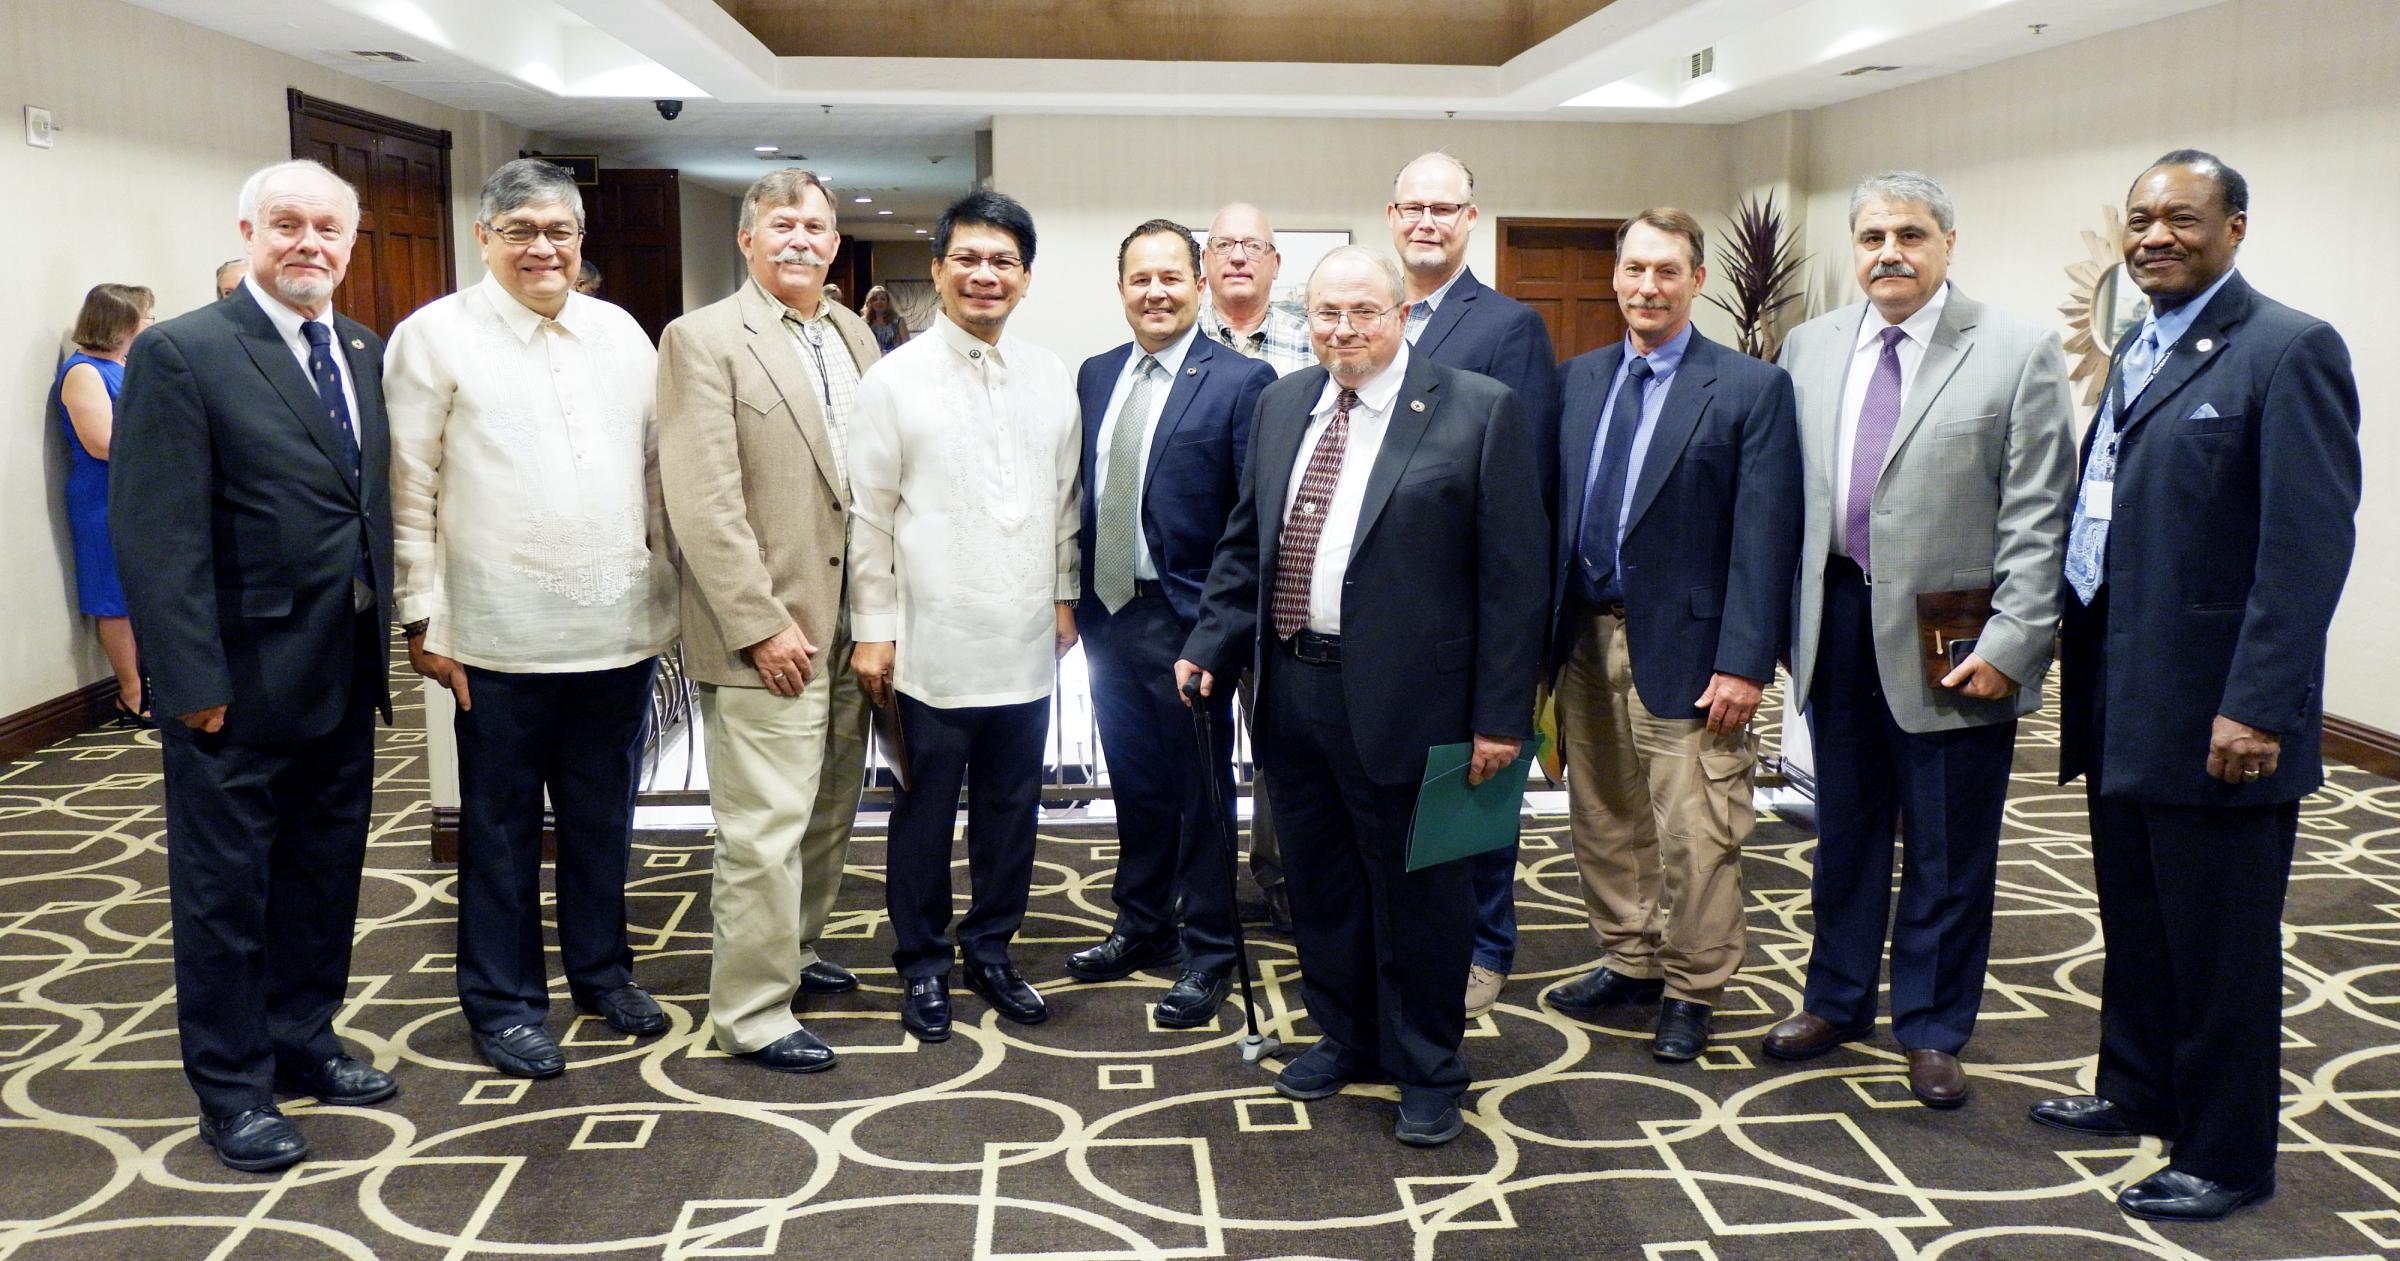 WSO Board of Directors